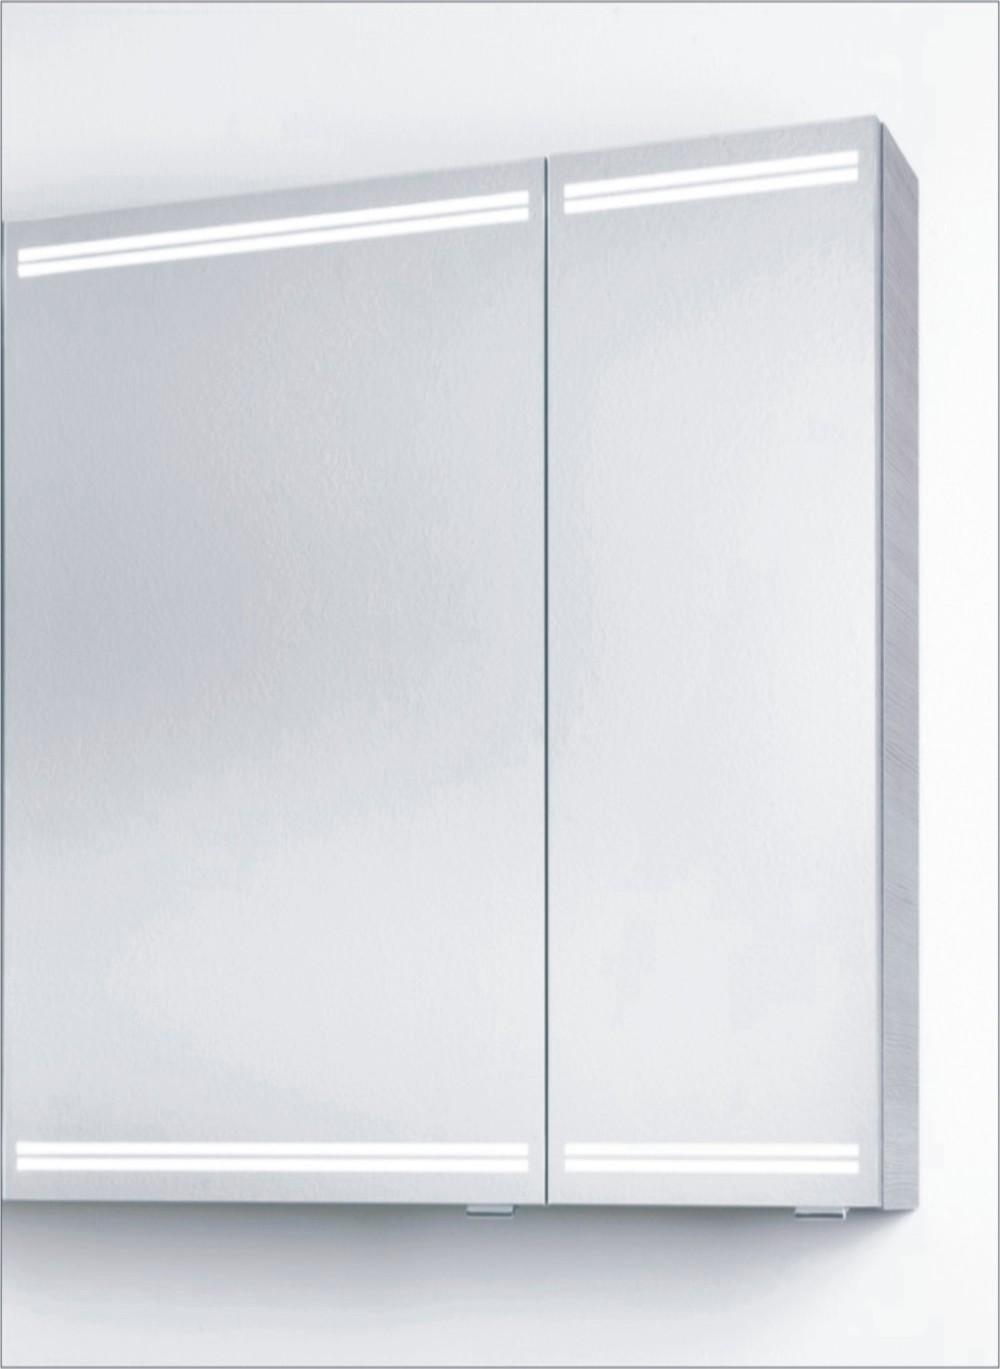 Spiegelschrank mit beleuchtung ikea  Spiegelschrank Mit Beleuchtung Ikea ~ speyeder.net = Verschiedene ...